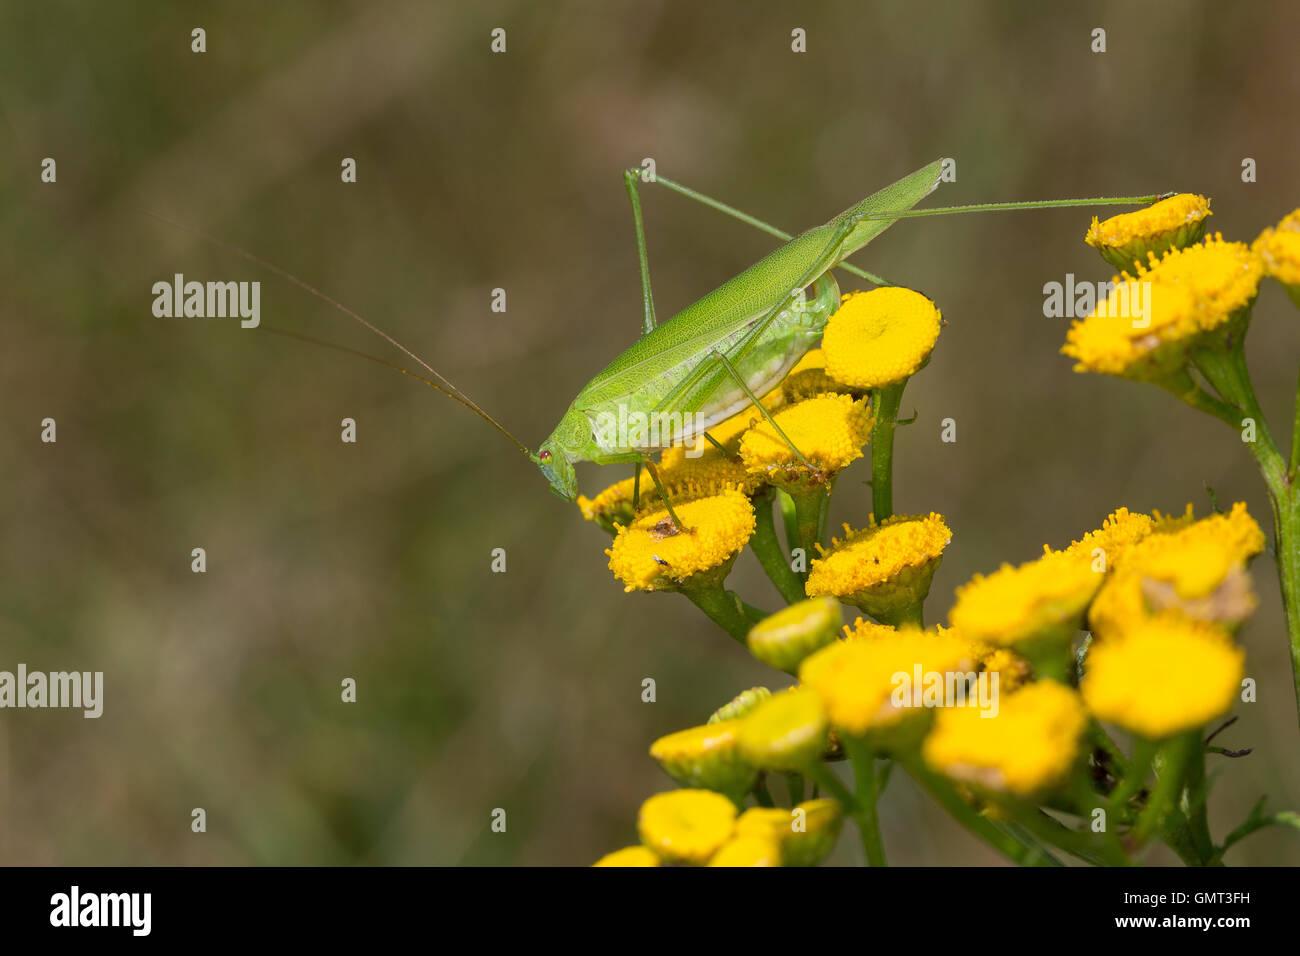 Gemeine Sichelschrecke, Weibchen, Phaneroptera falcata, Sickle-bearing Bush-cricket, Sickle-bearing Bush cricket, - Stock Image